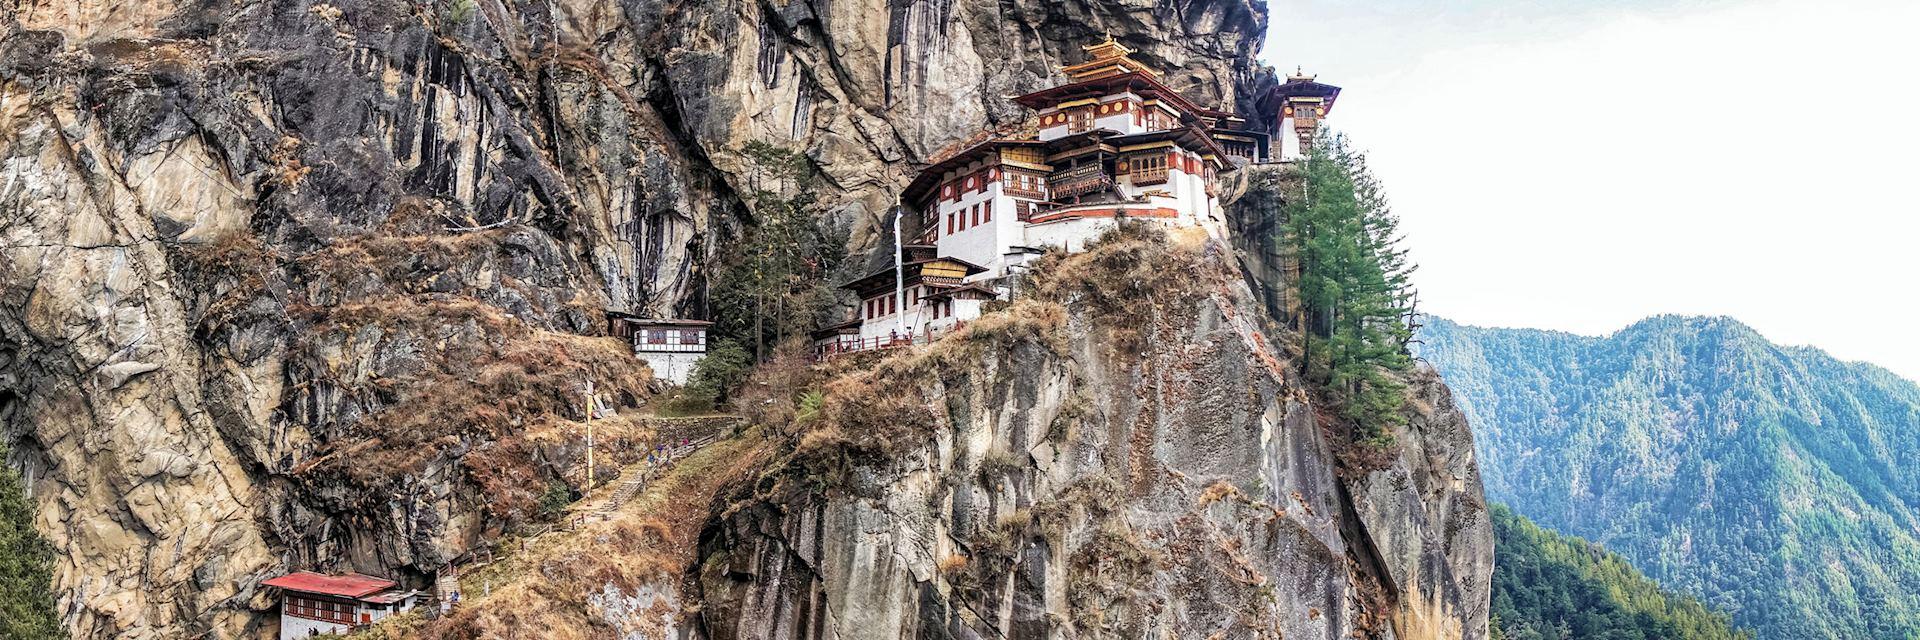 Taktshang Goemba or Tiger's Nest Monastery, Bhutan